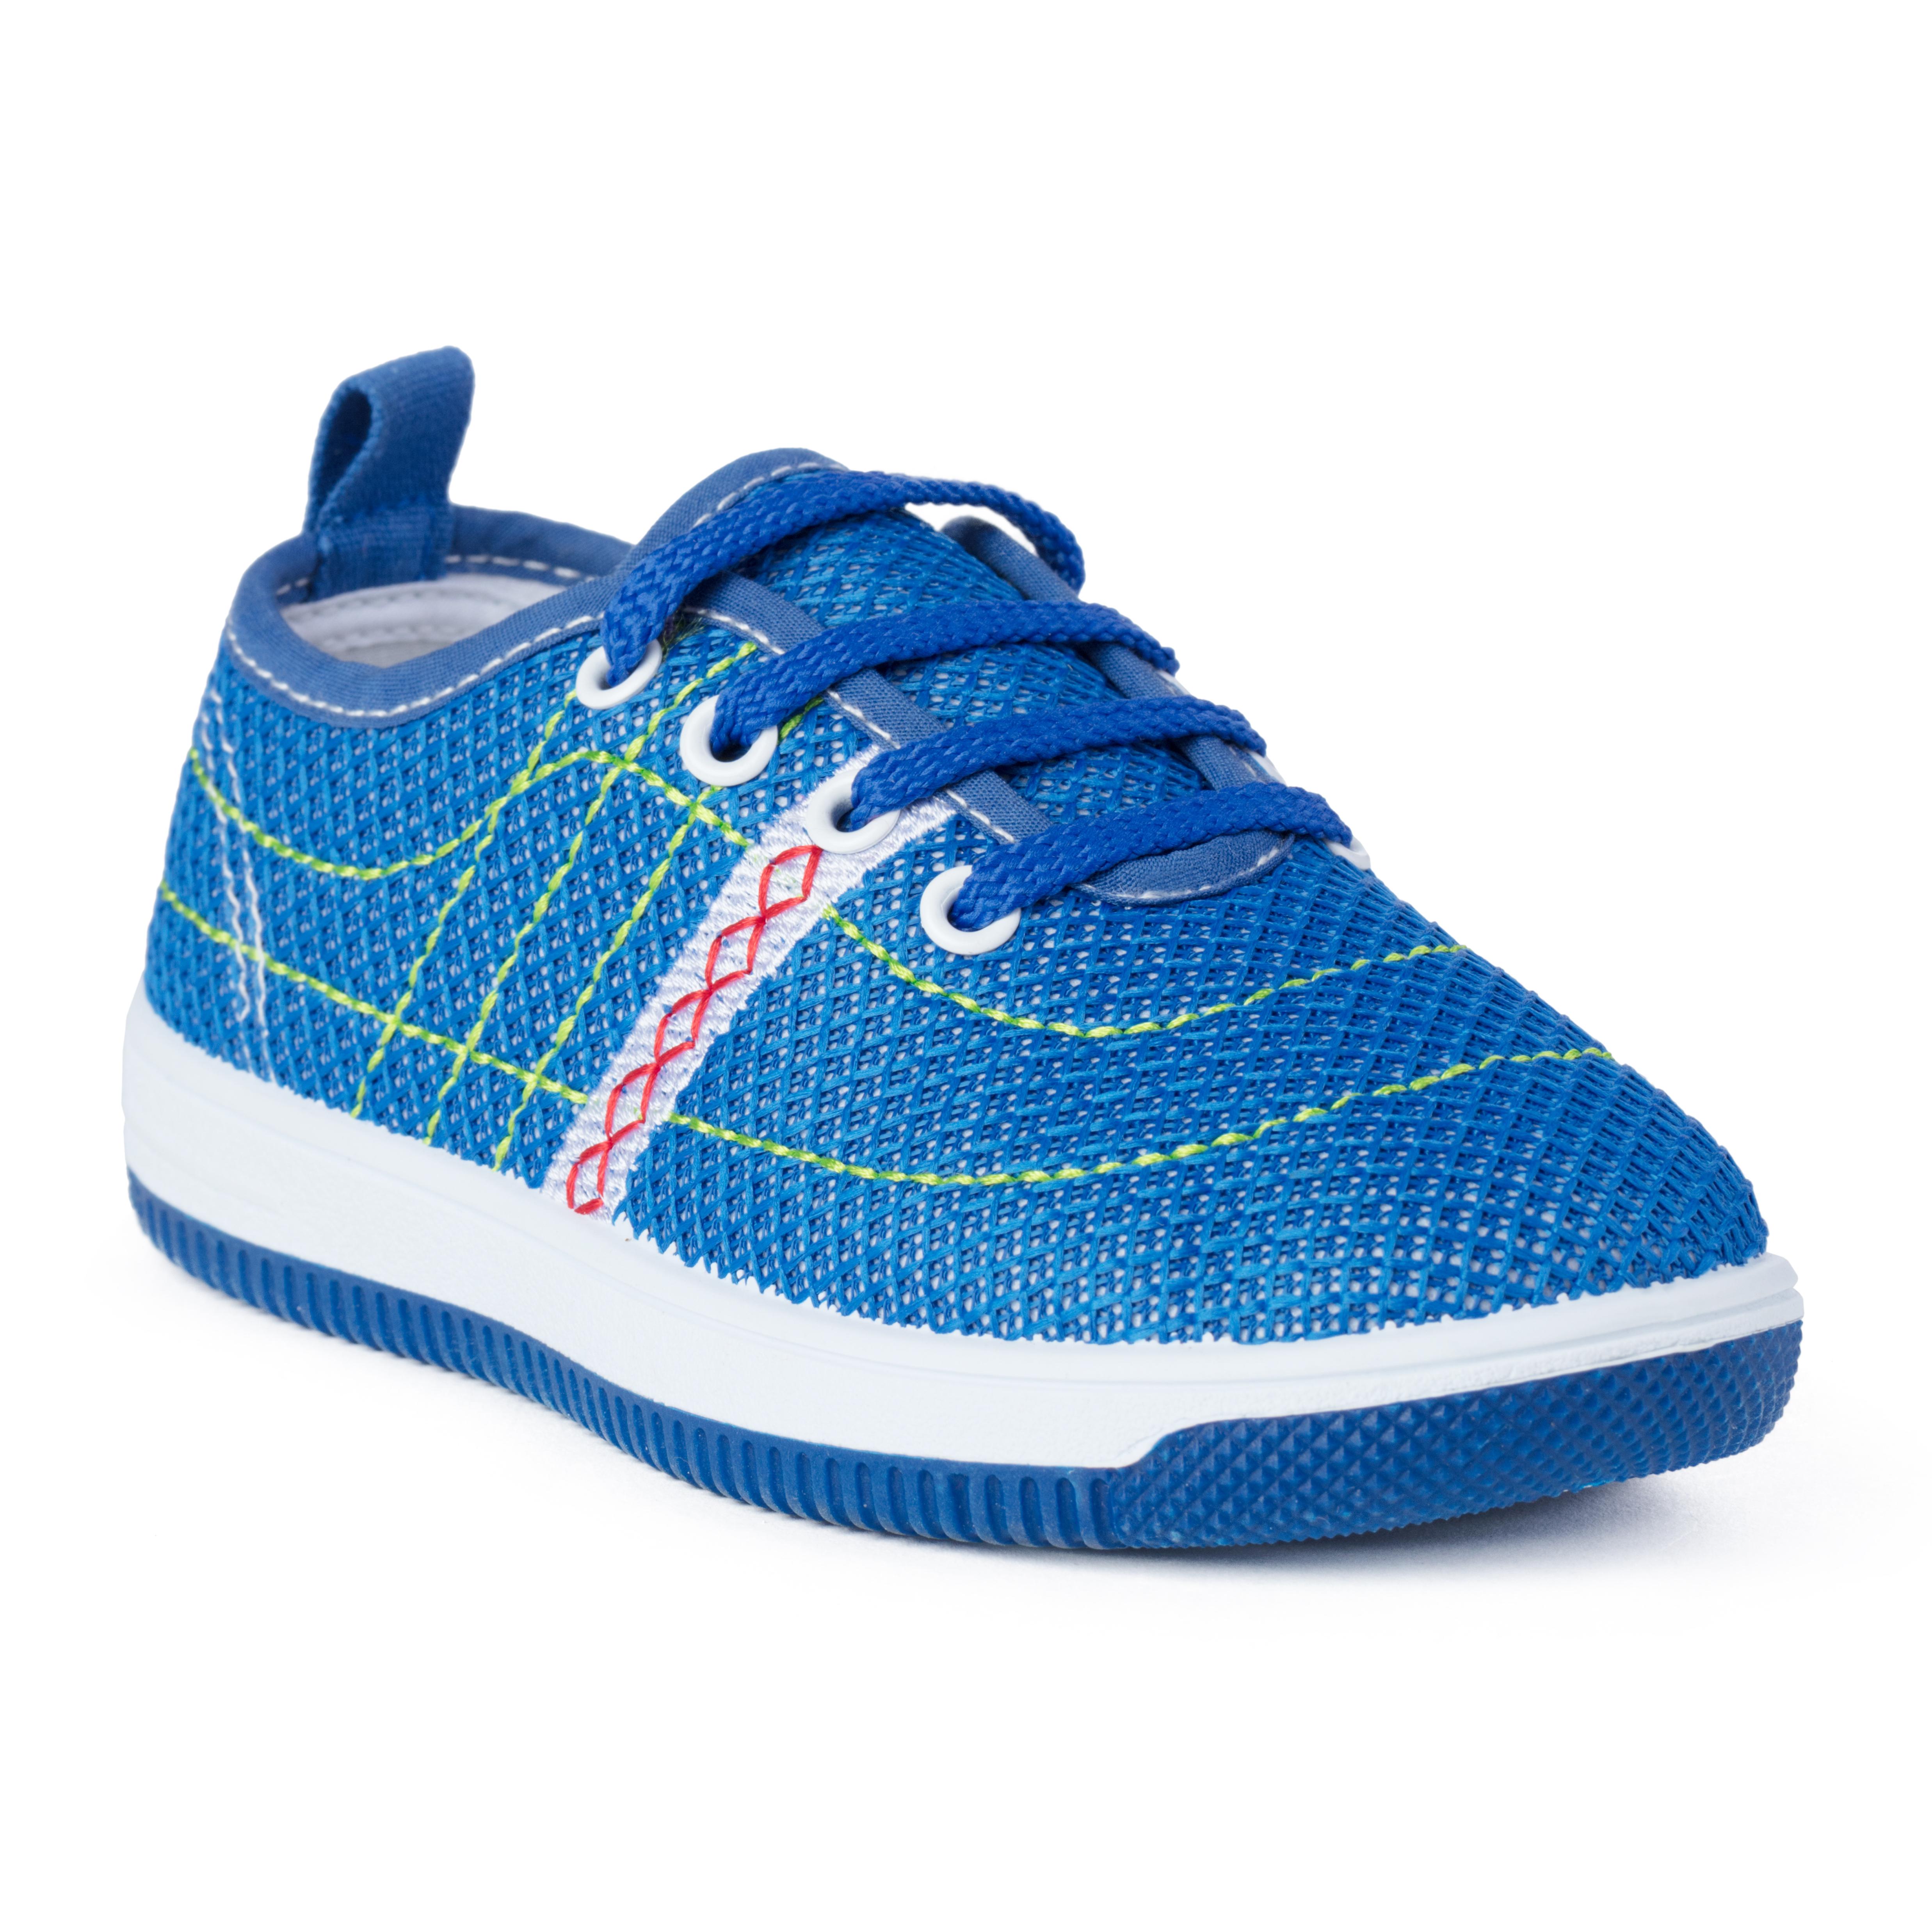 8b34e28a0 182249 Синие полуботинки для девочки PlayToday PlayToday - купить на ...